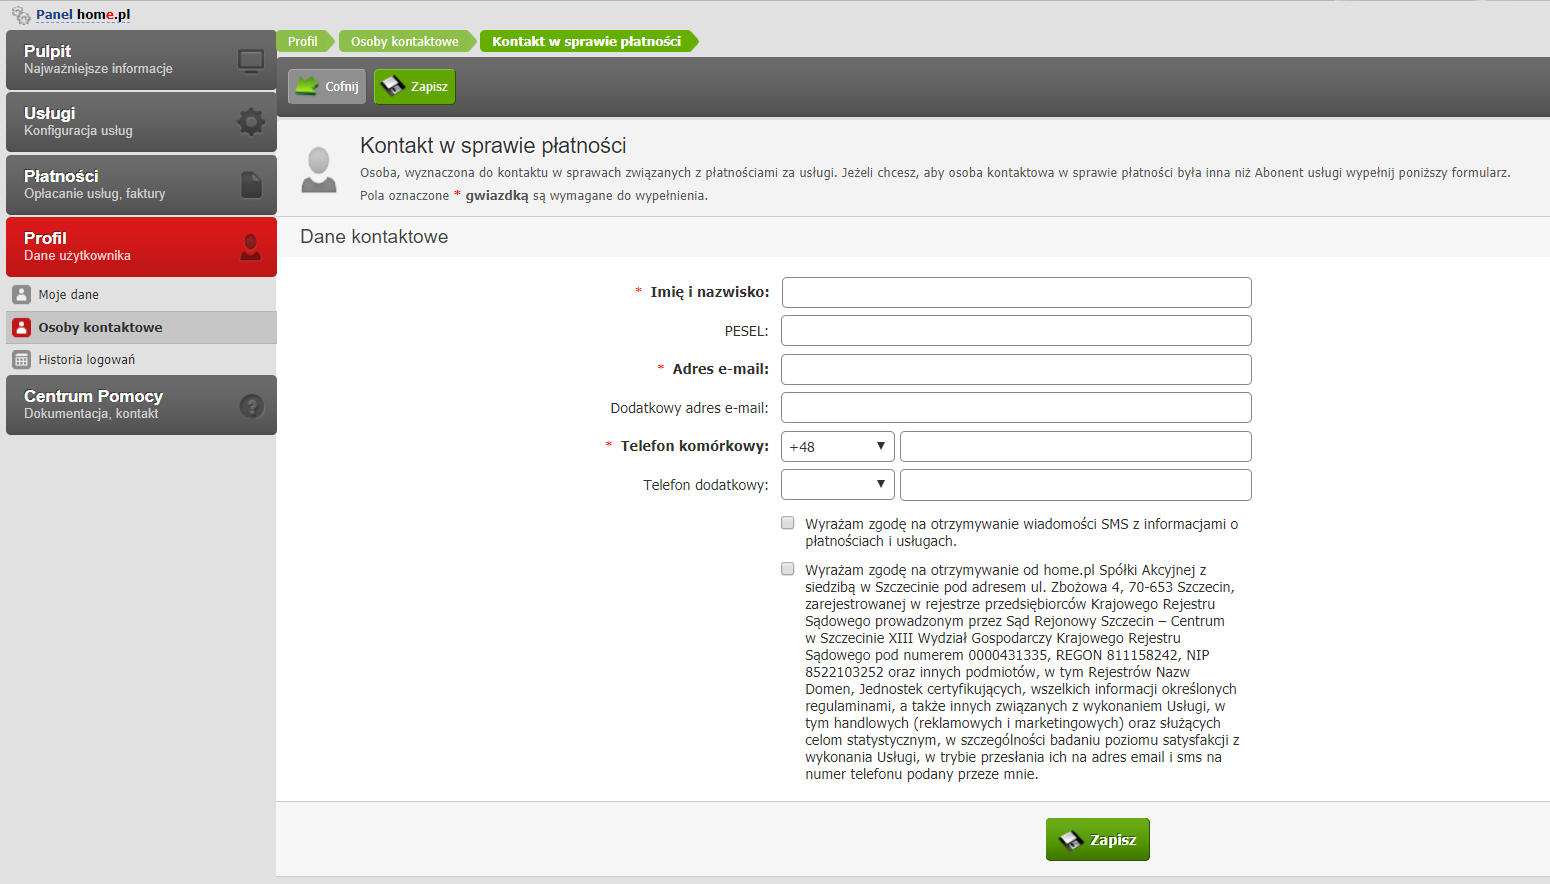 Panel klienta - Profil - Osoby kontaktowe - Zmień dane - Podaj dane osoby dla wybranego rodzaju kontaktu